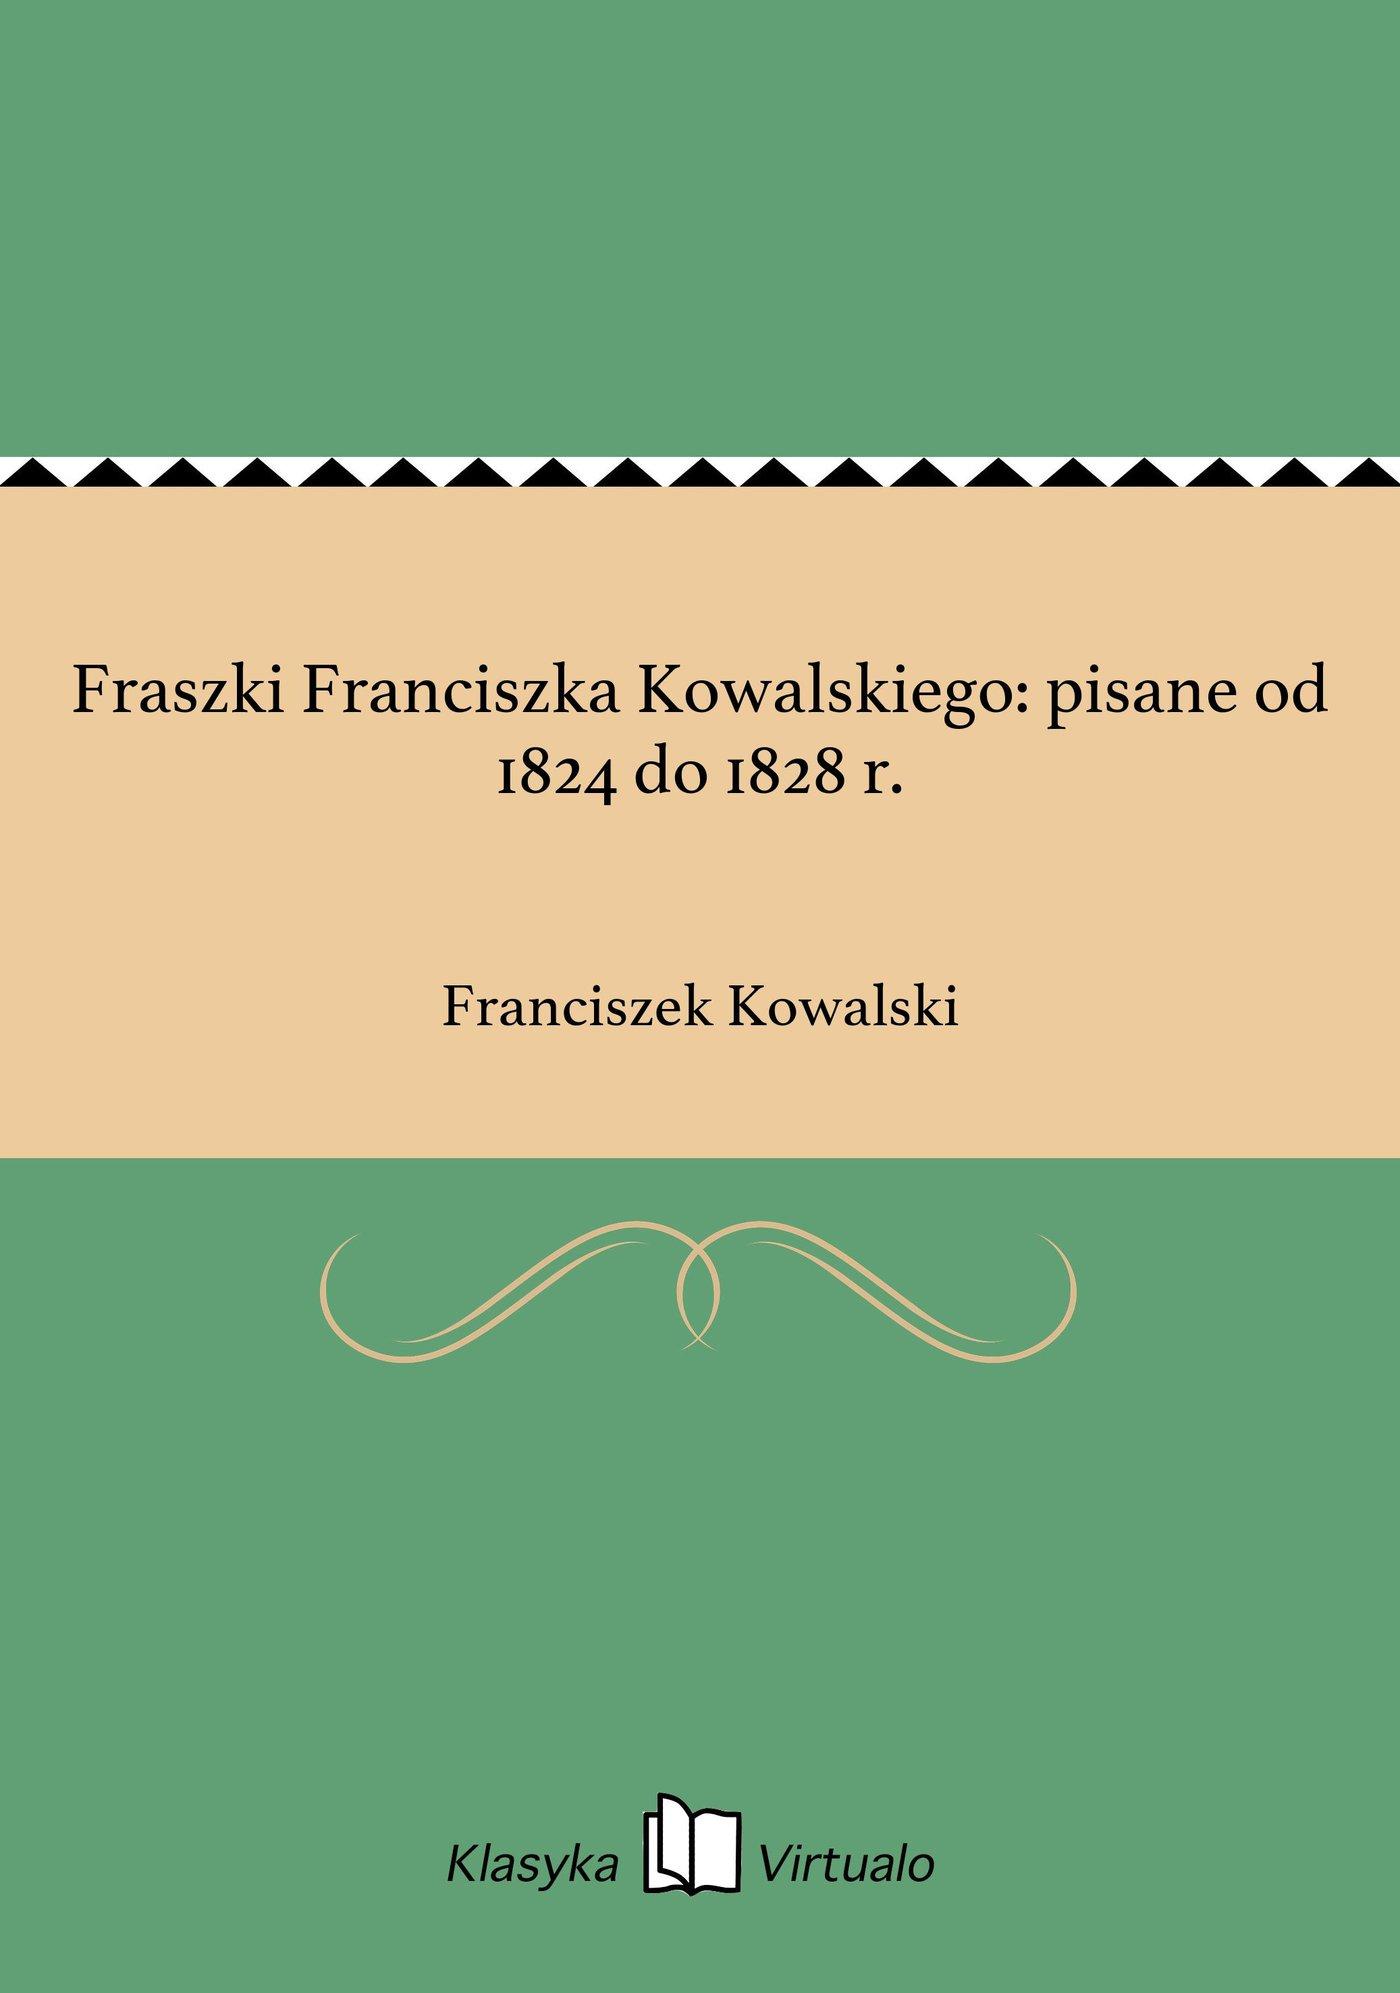 Fraszki Franciszka Kowalskiego: pisane od 1824 do 1828 r. - Ebook (Książka EPUB) do pobrania w formacie EPUB